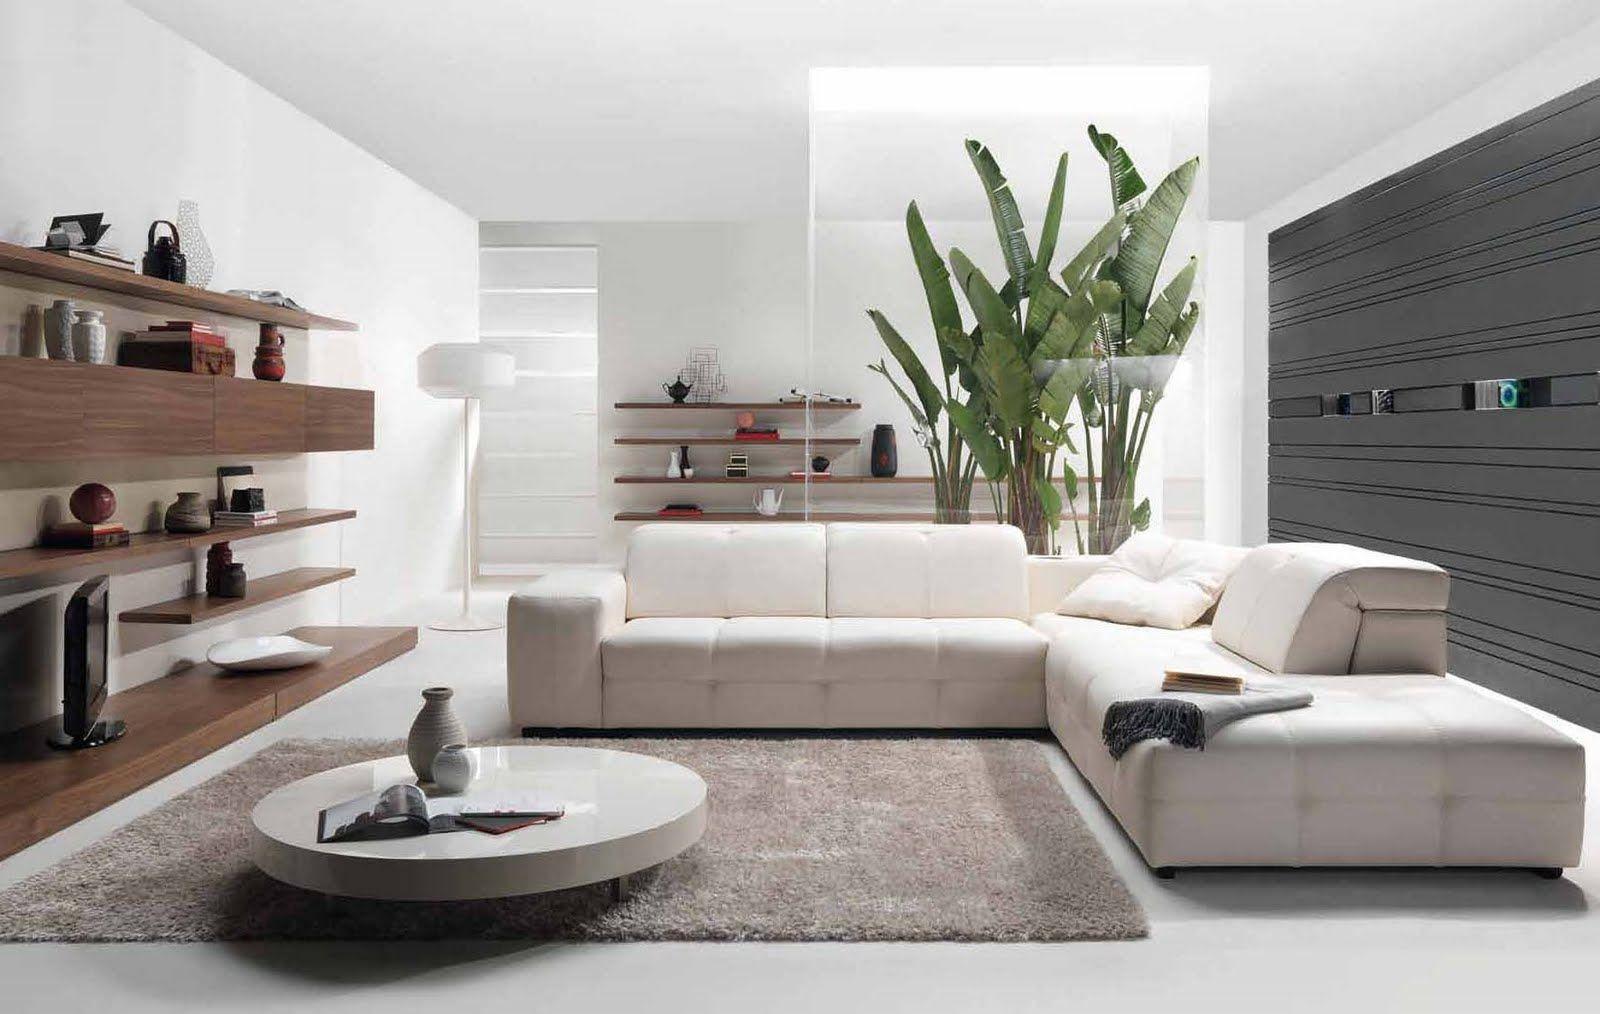 Uberlegen Moderne Wohnzimmer Innenarchitektur Ideen